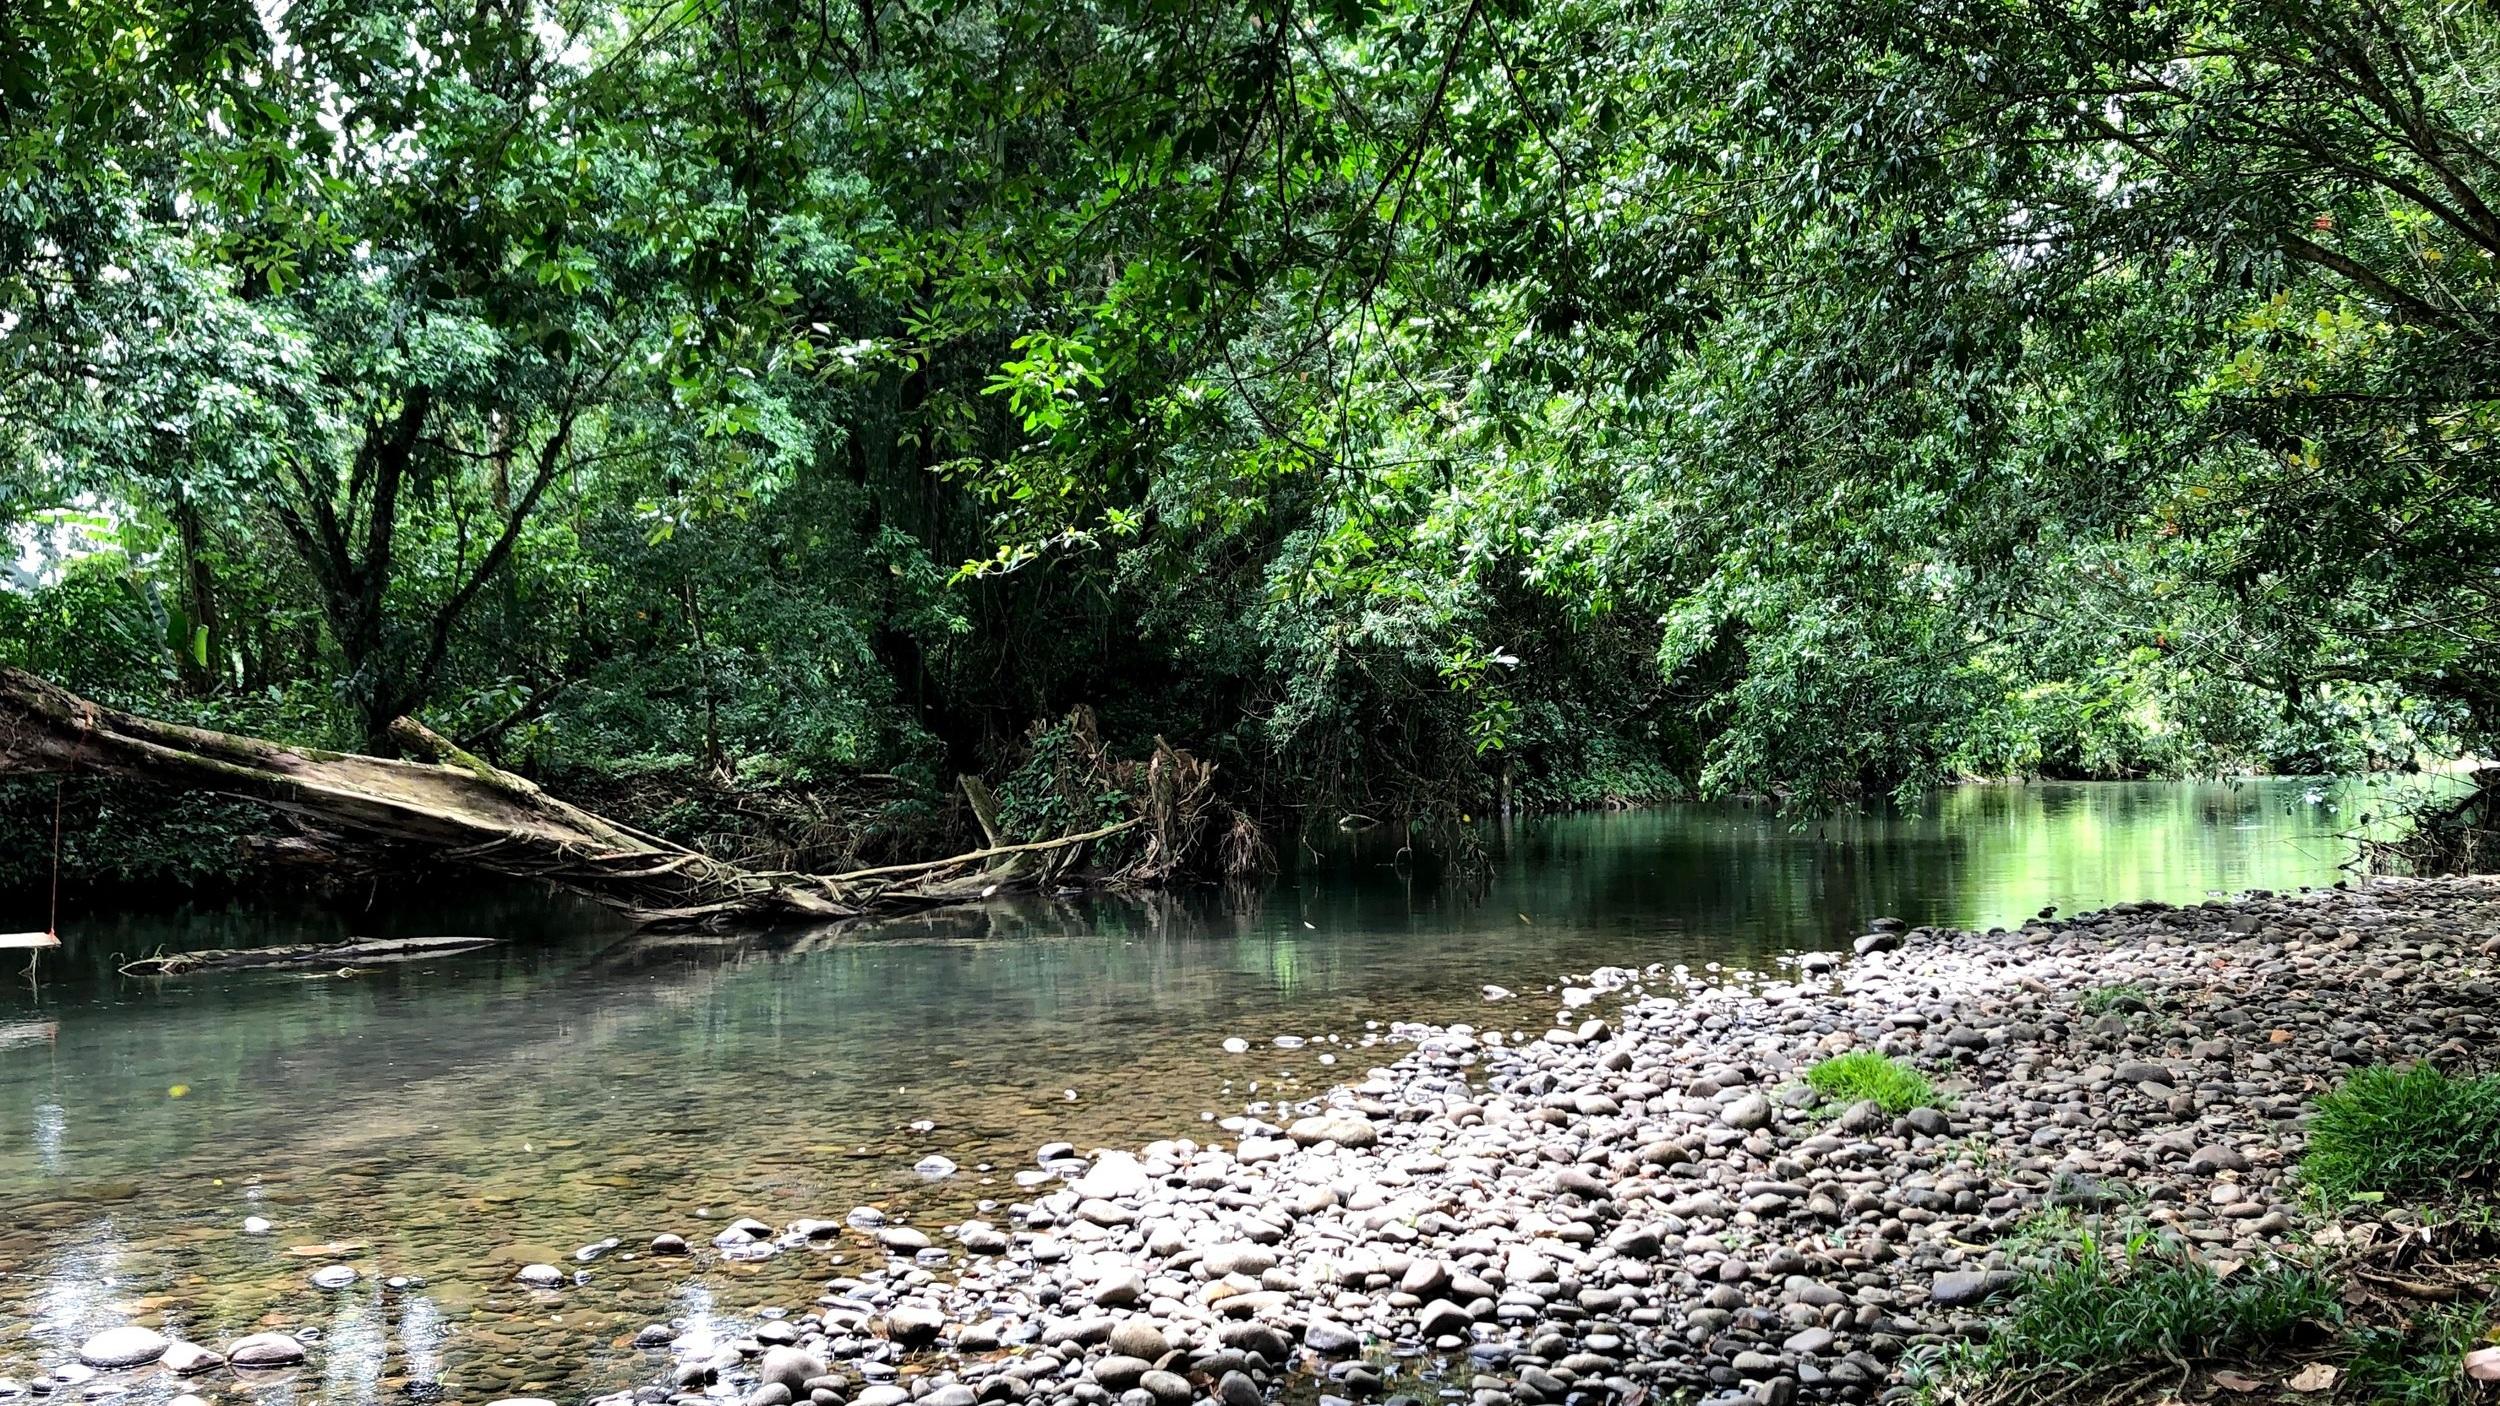 Backyard River - Sanjana Rao